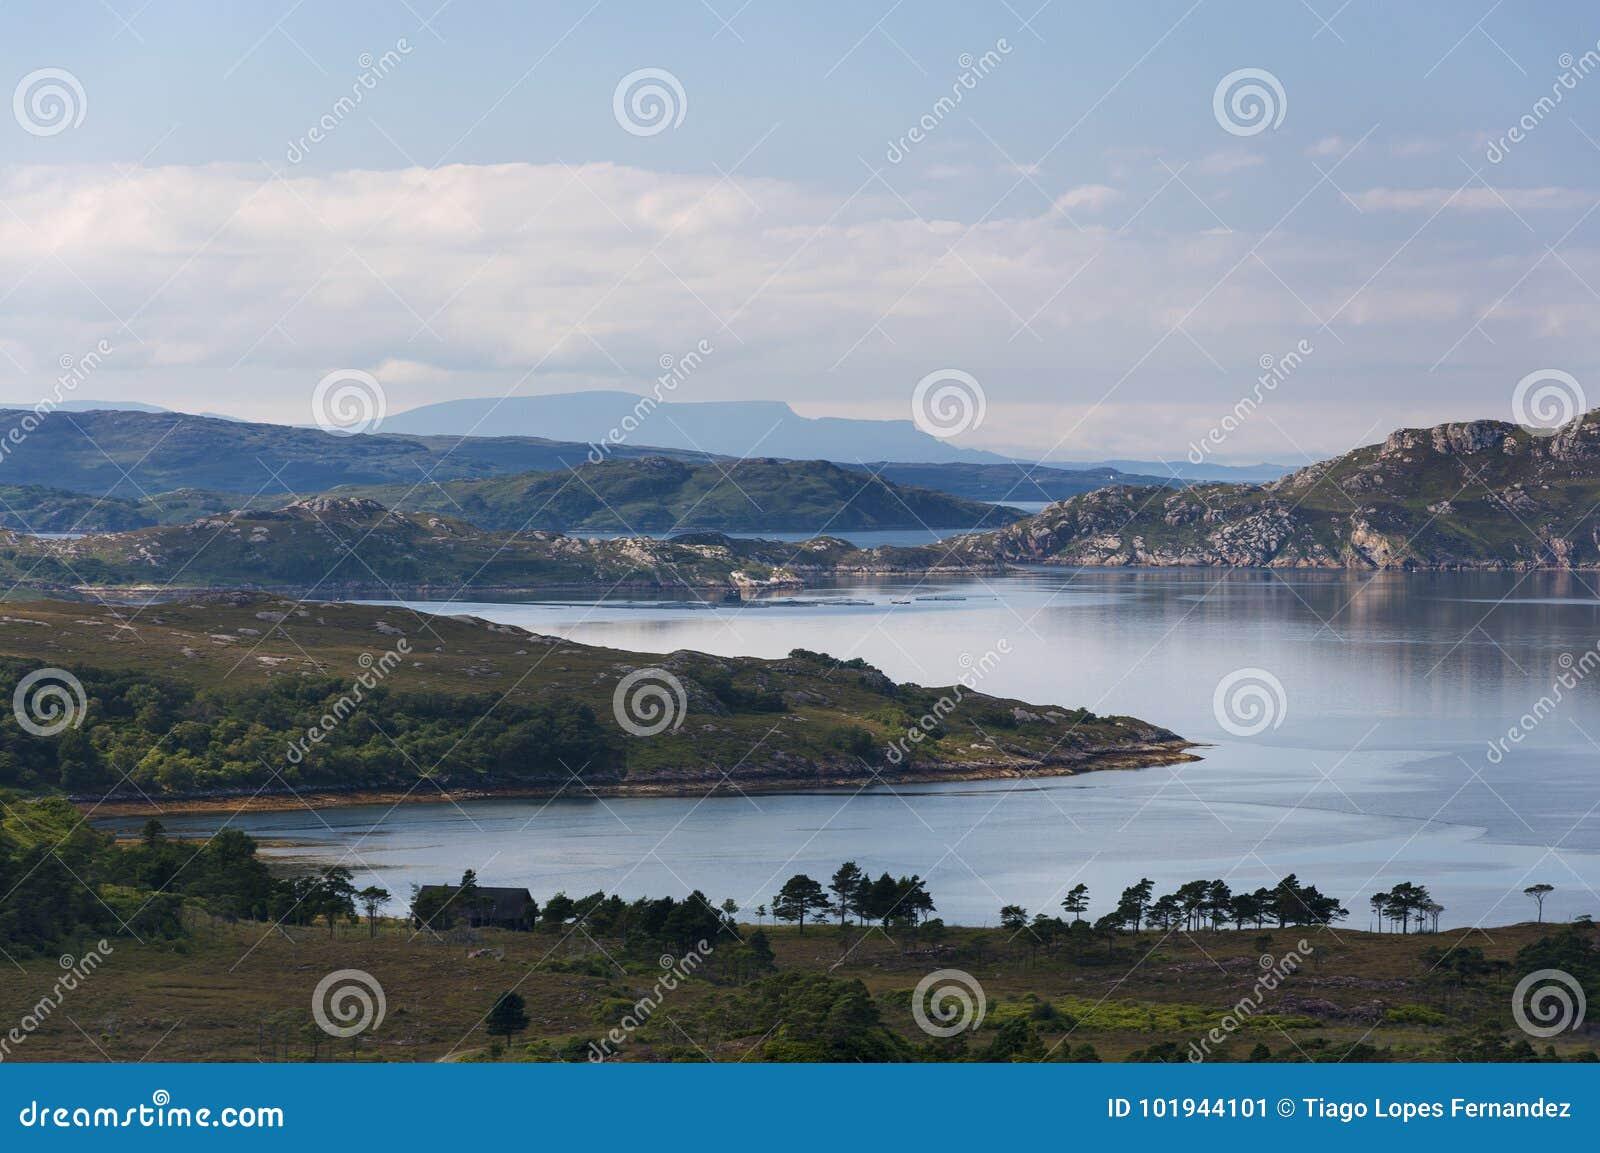 Paisaje hermoso y sereno de un lago en las montañas de Escocia, Reino Unido